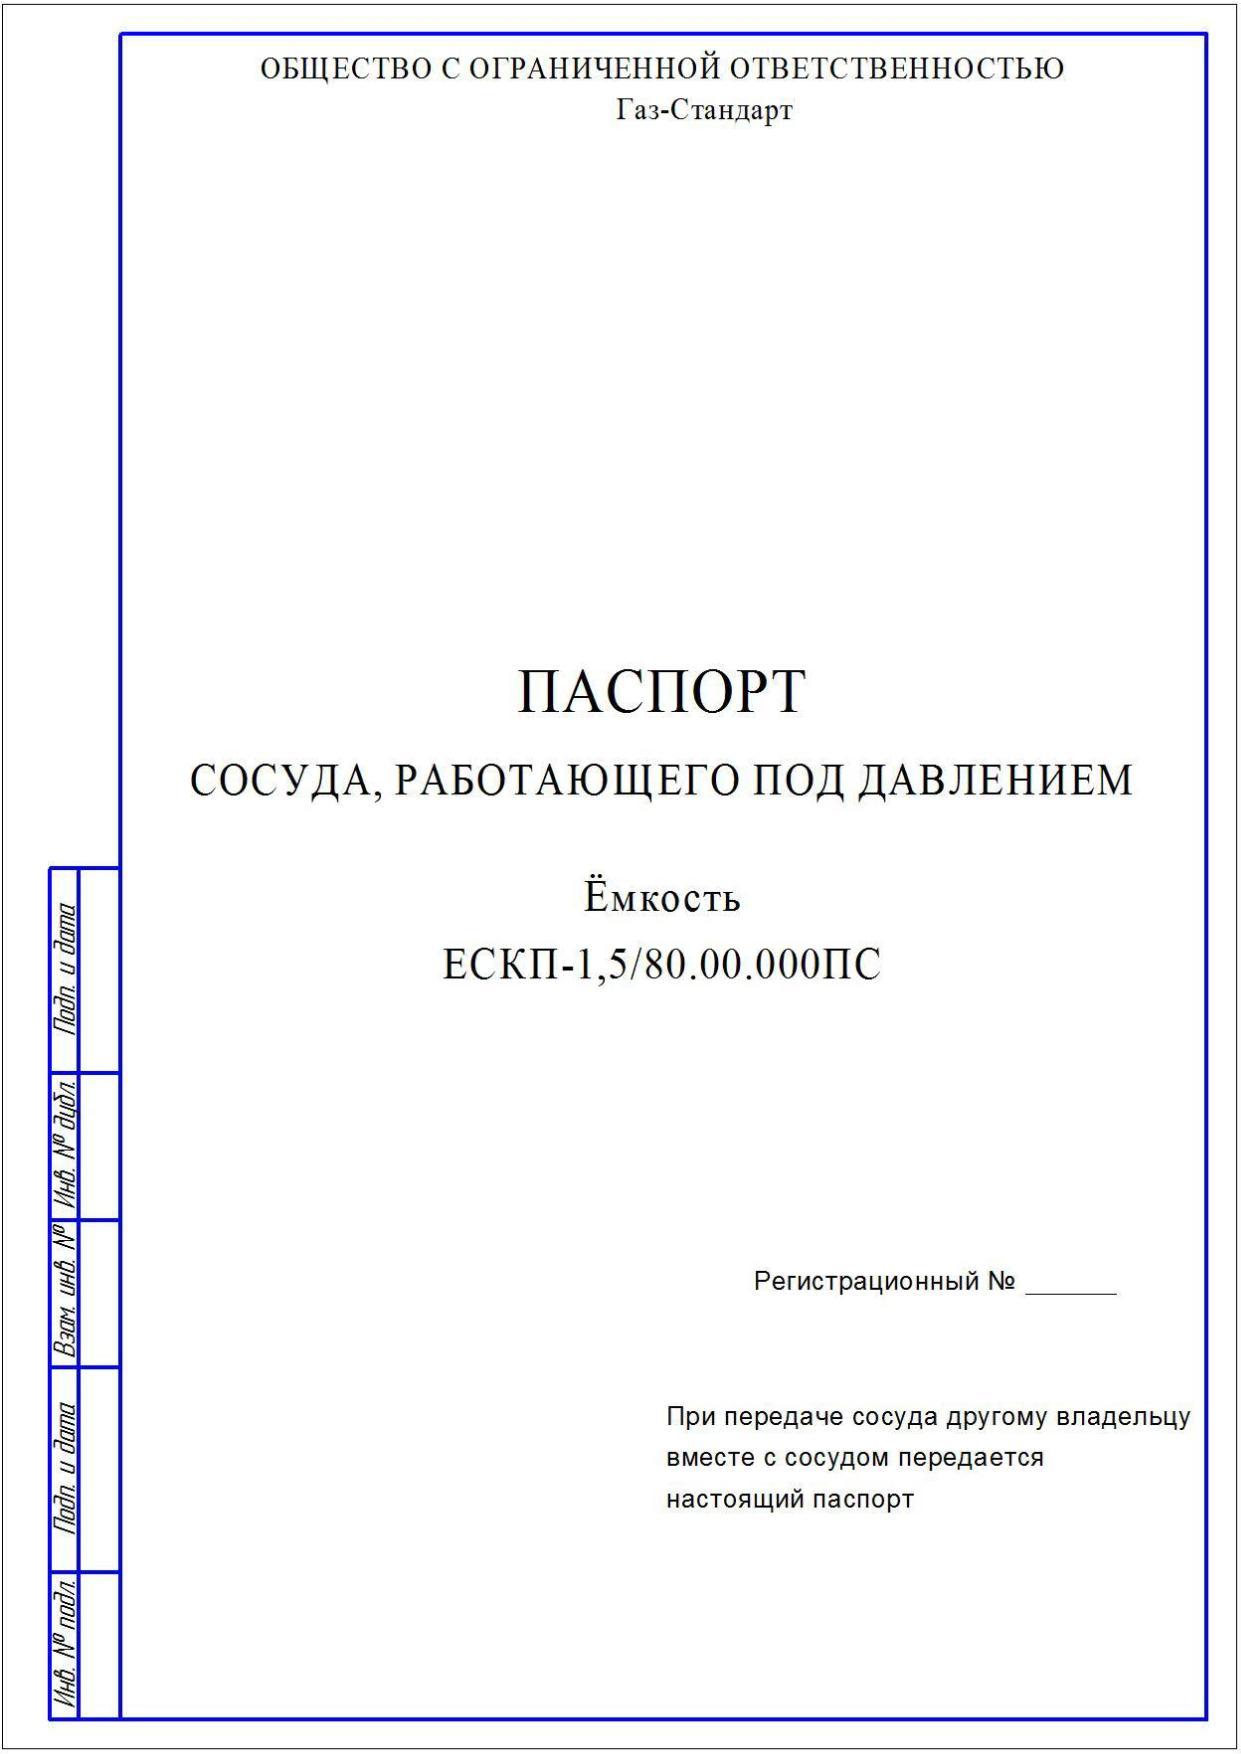 Паспорт оборудования на заказ. Оформление и разработка Паспорта на оборудование или изделие от КБ ИнженерГрупп